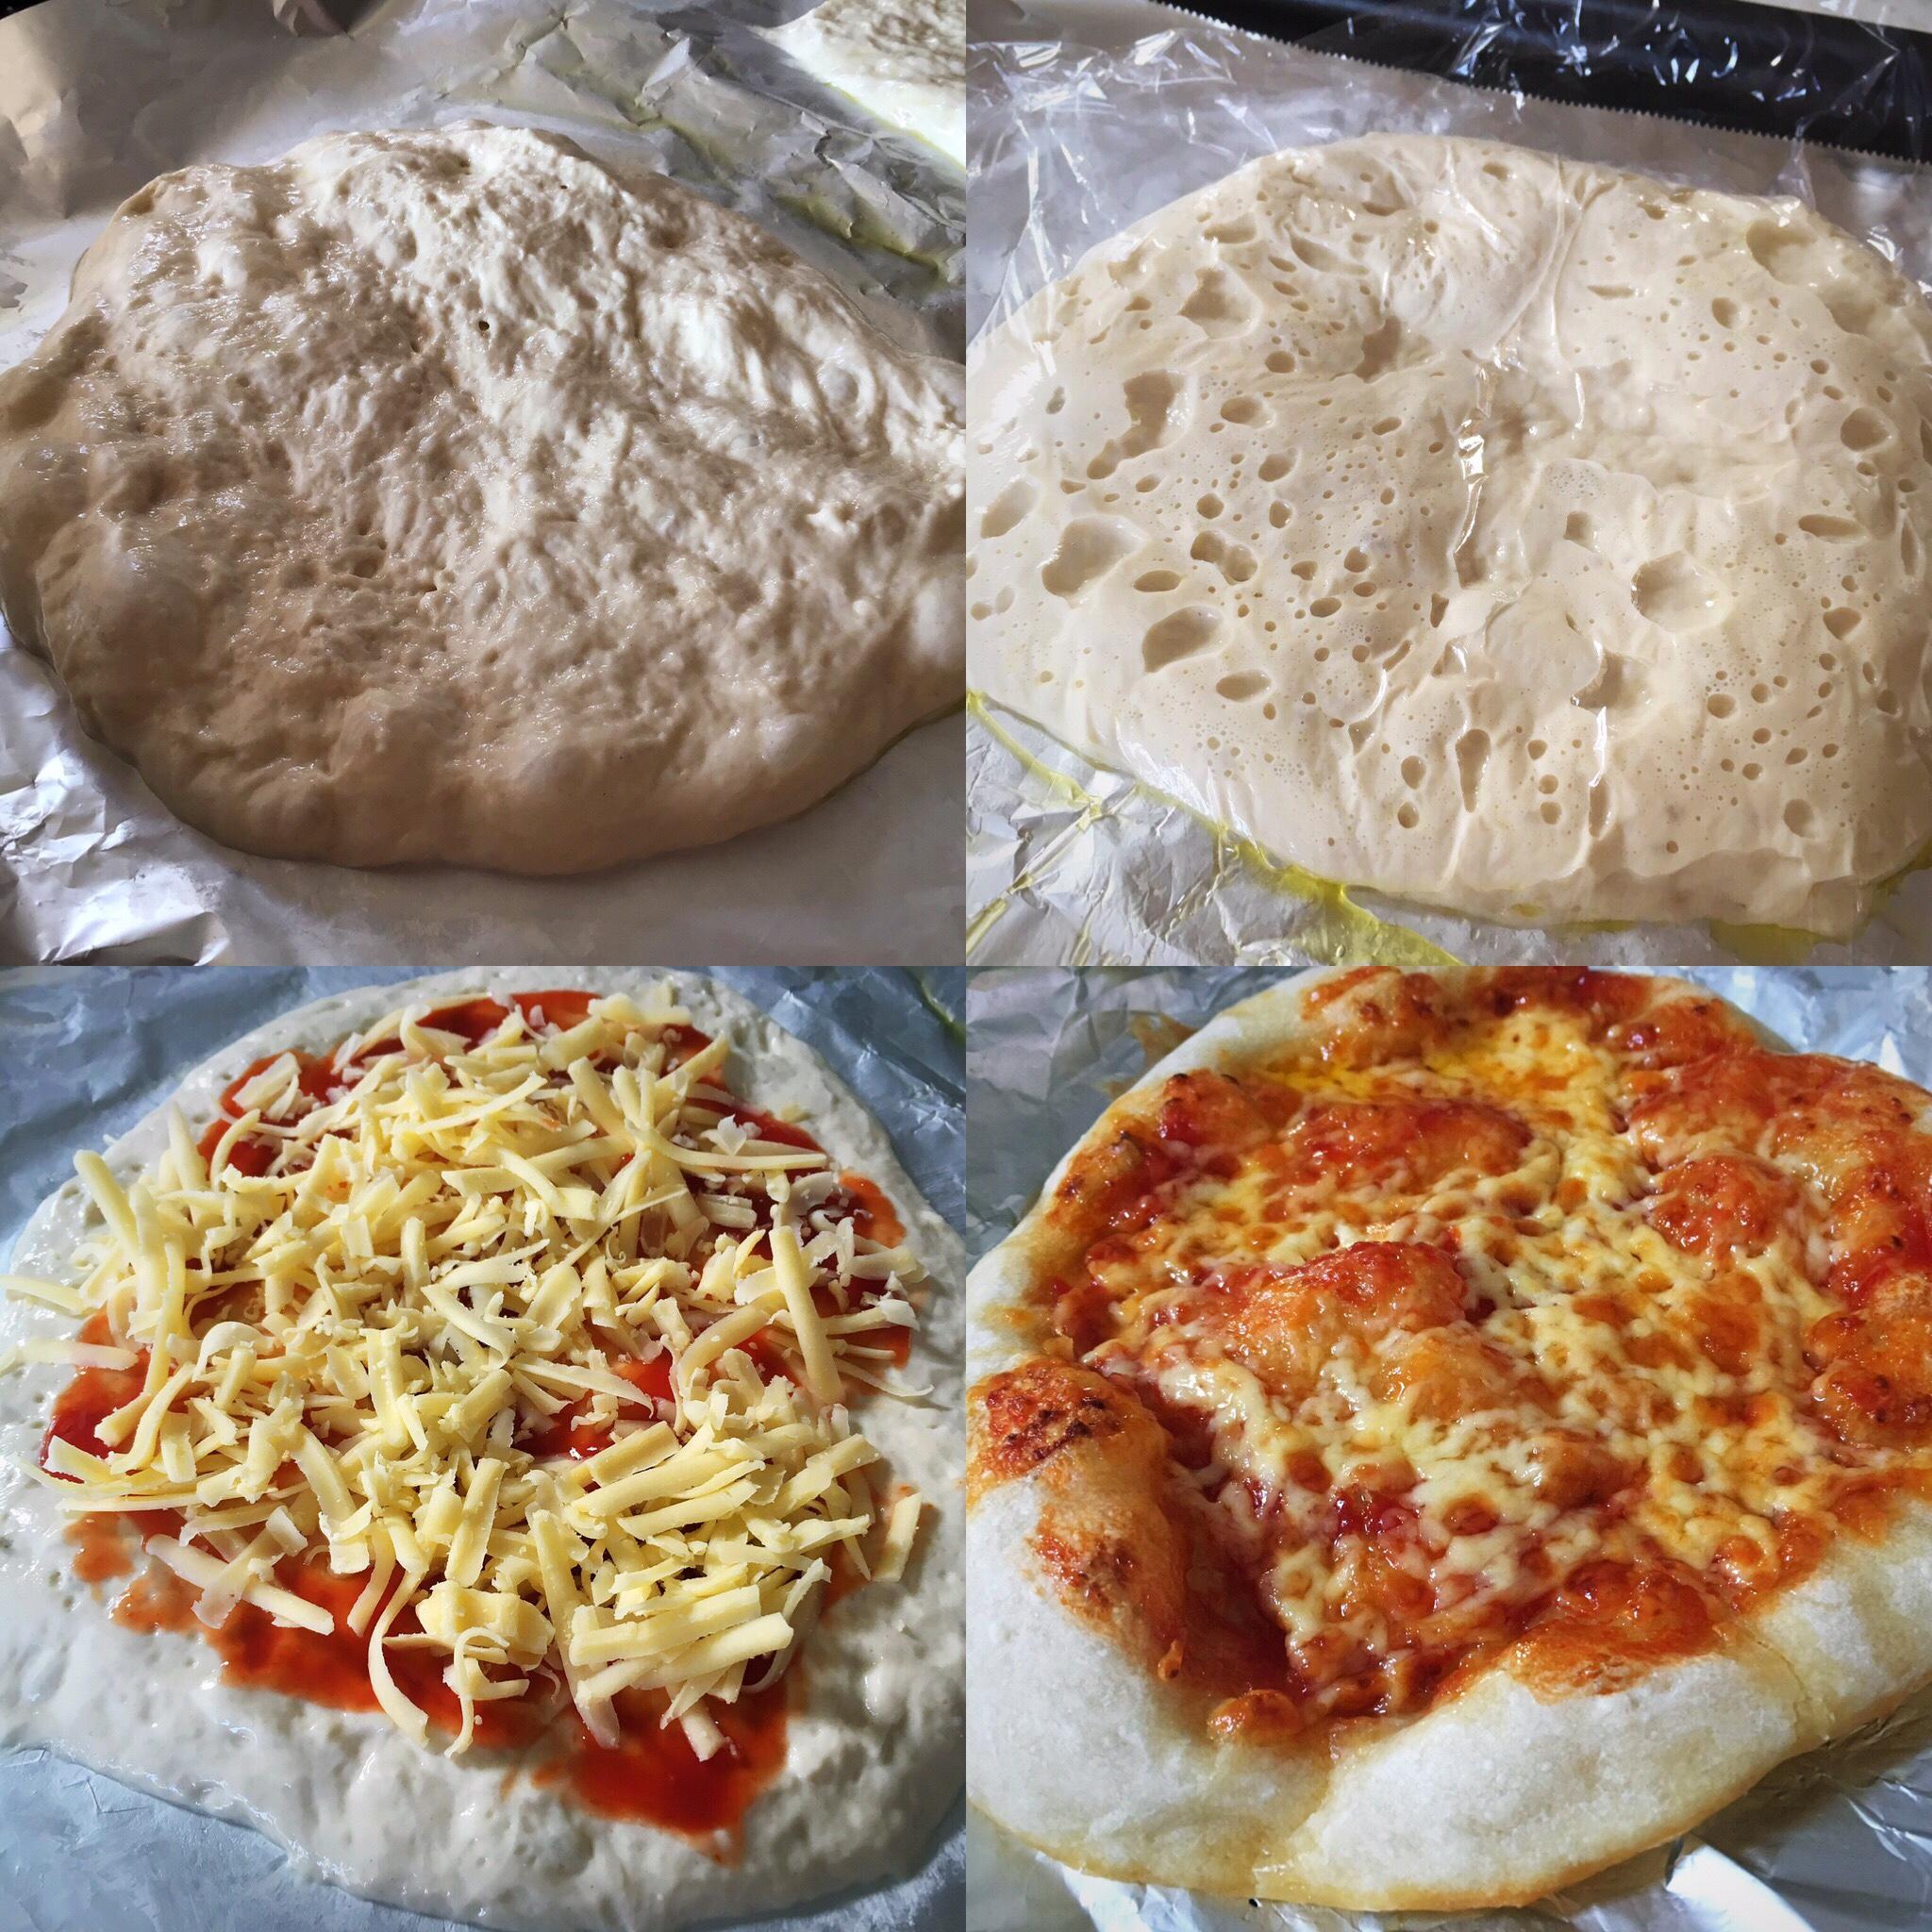 quatre photos illustrant la préparation d'une pâte à pizza